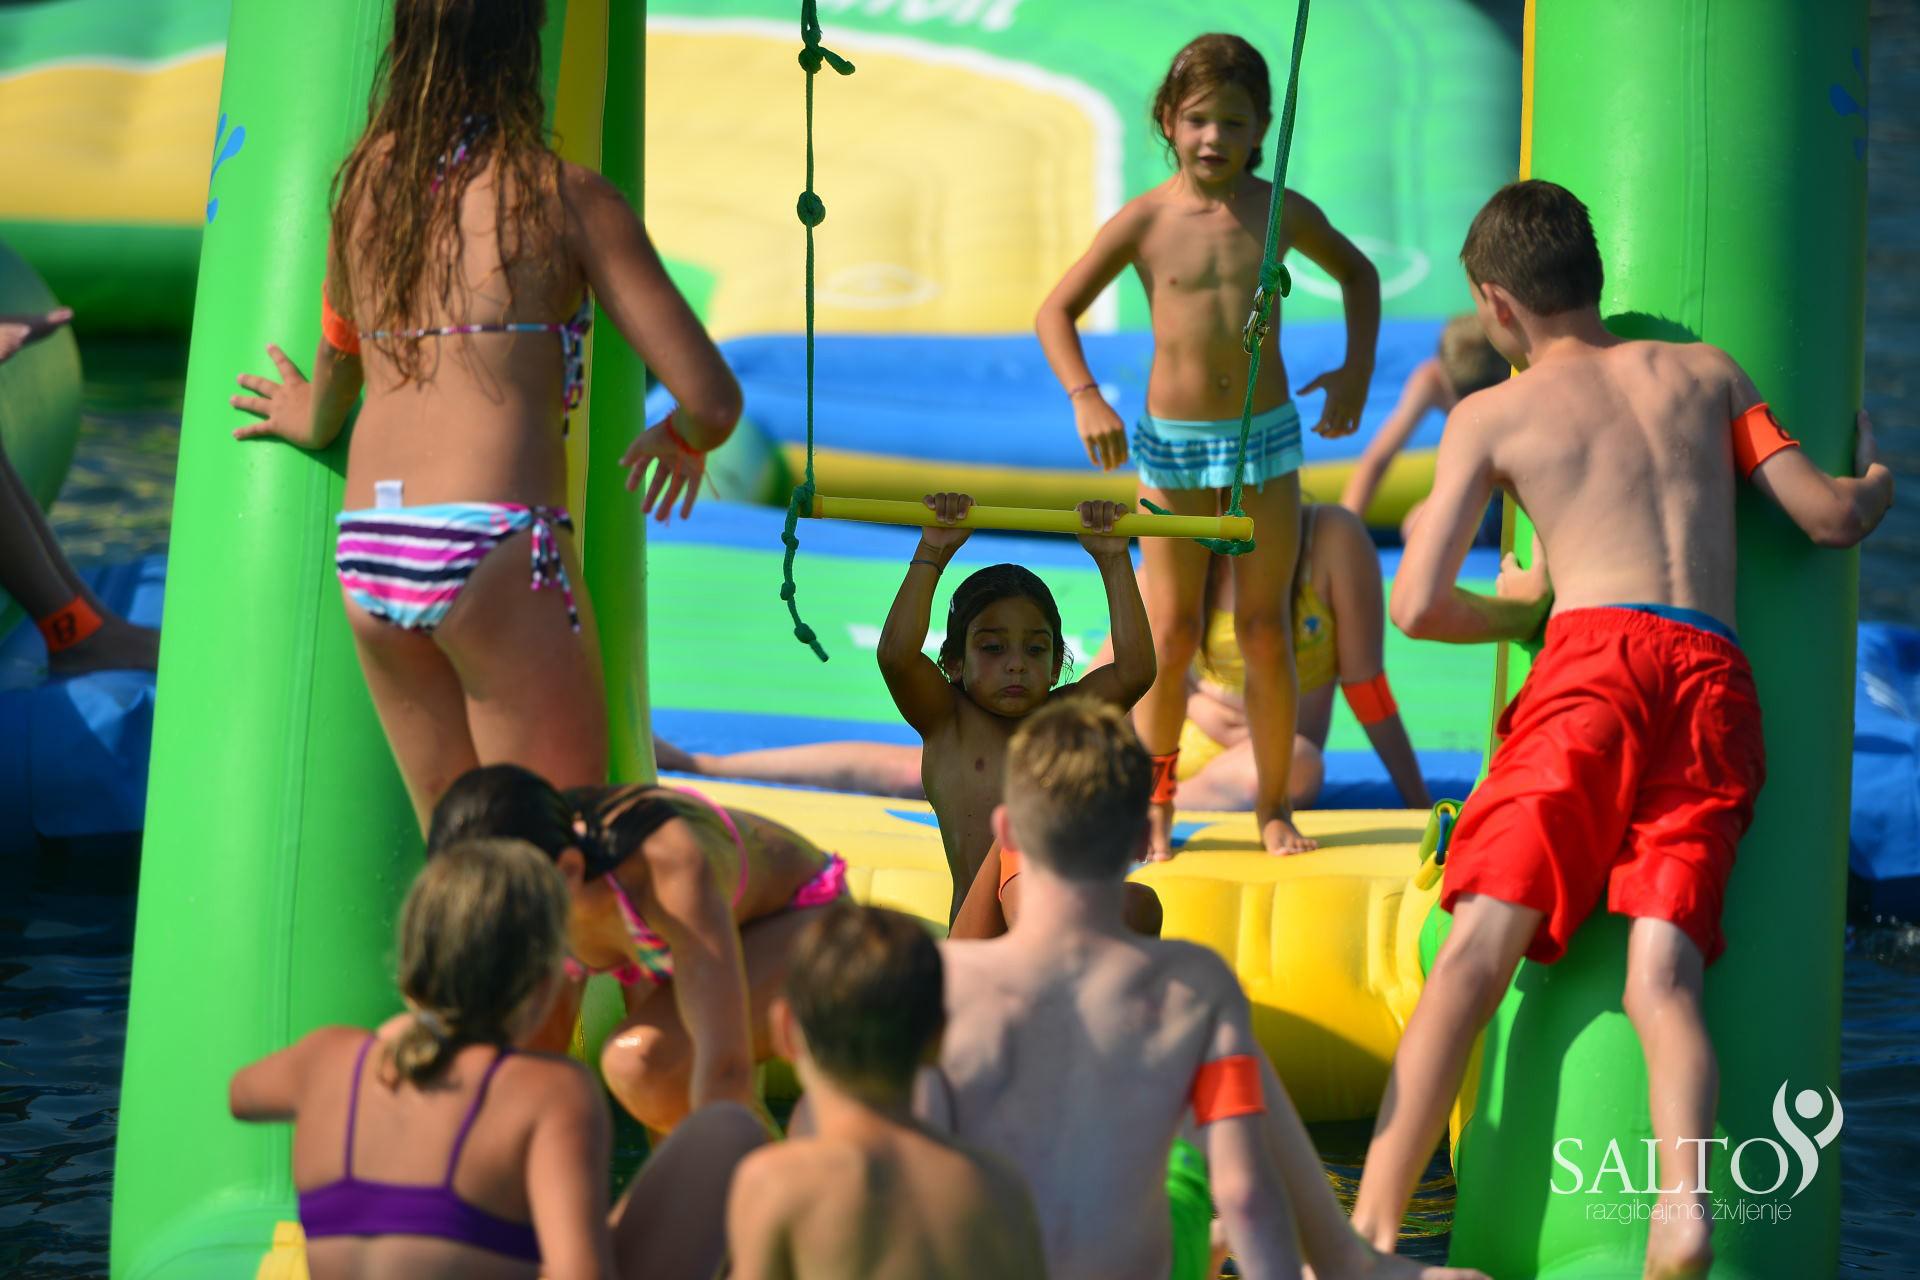 Poletni gimnastični kamp 2015 drugi termin četrti dan